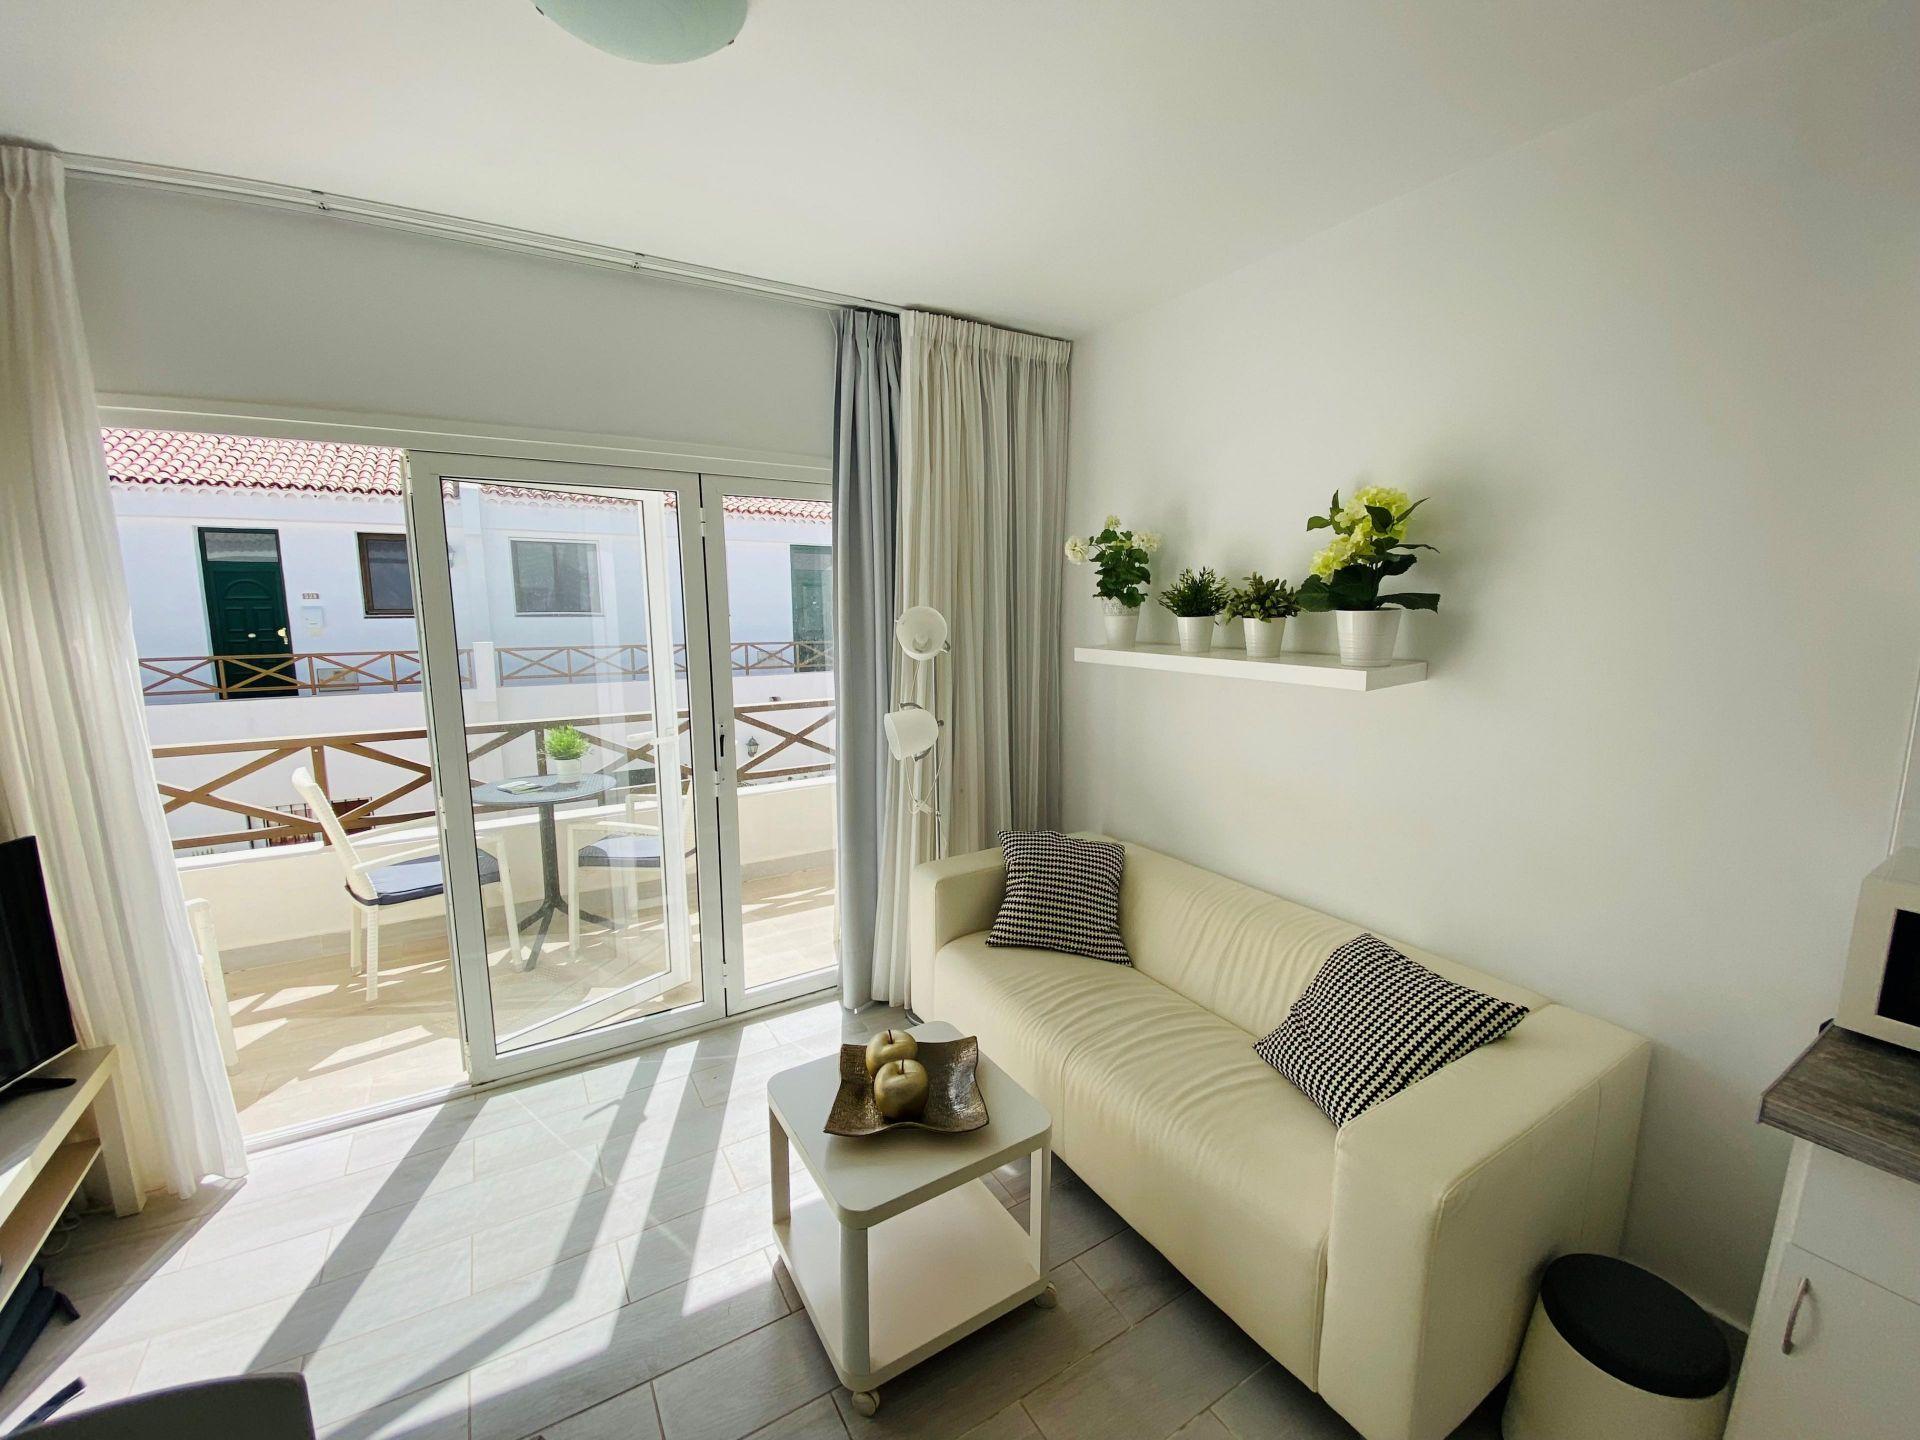 Diese schöne 2-Zimmer-Wohnung befindet sich im 1. Stock des Parque Don .... mehr Info